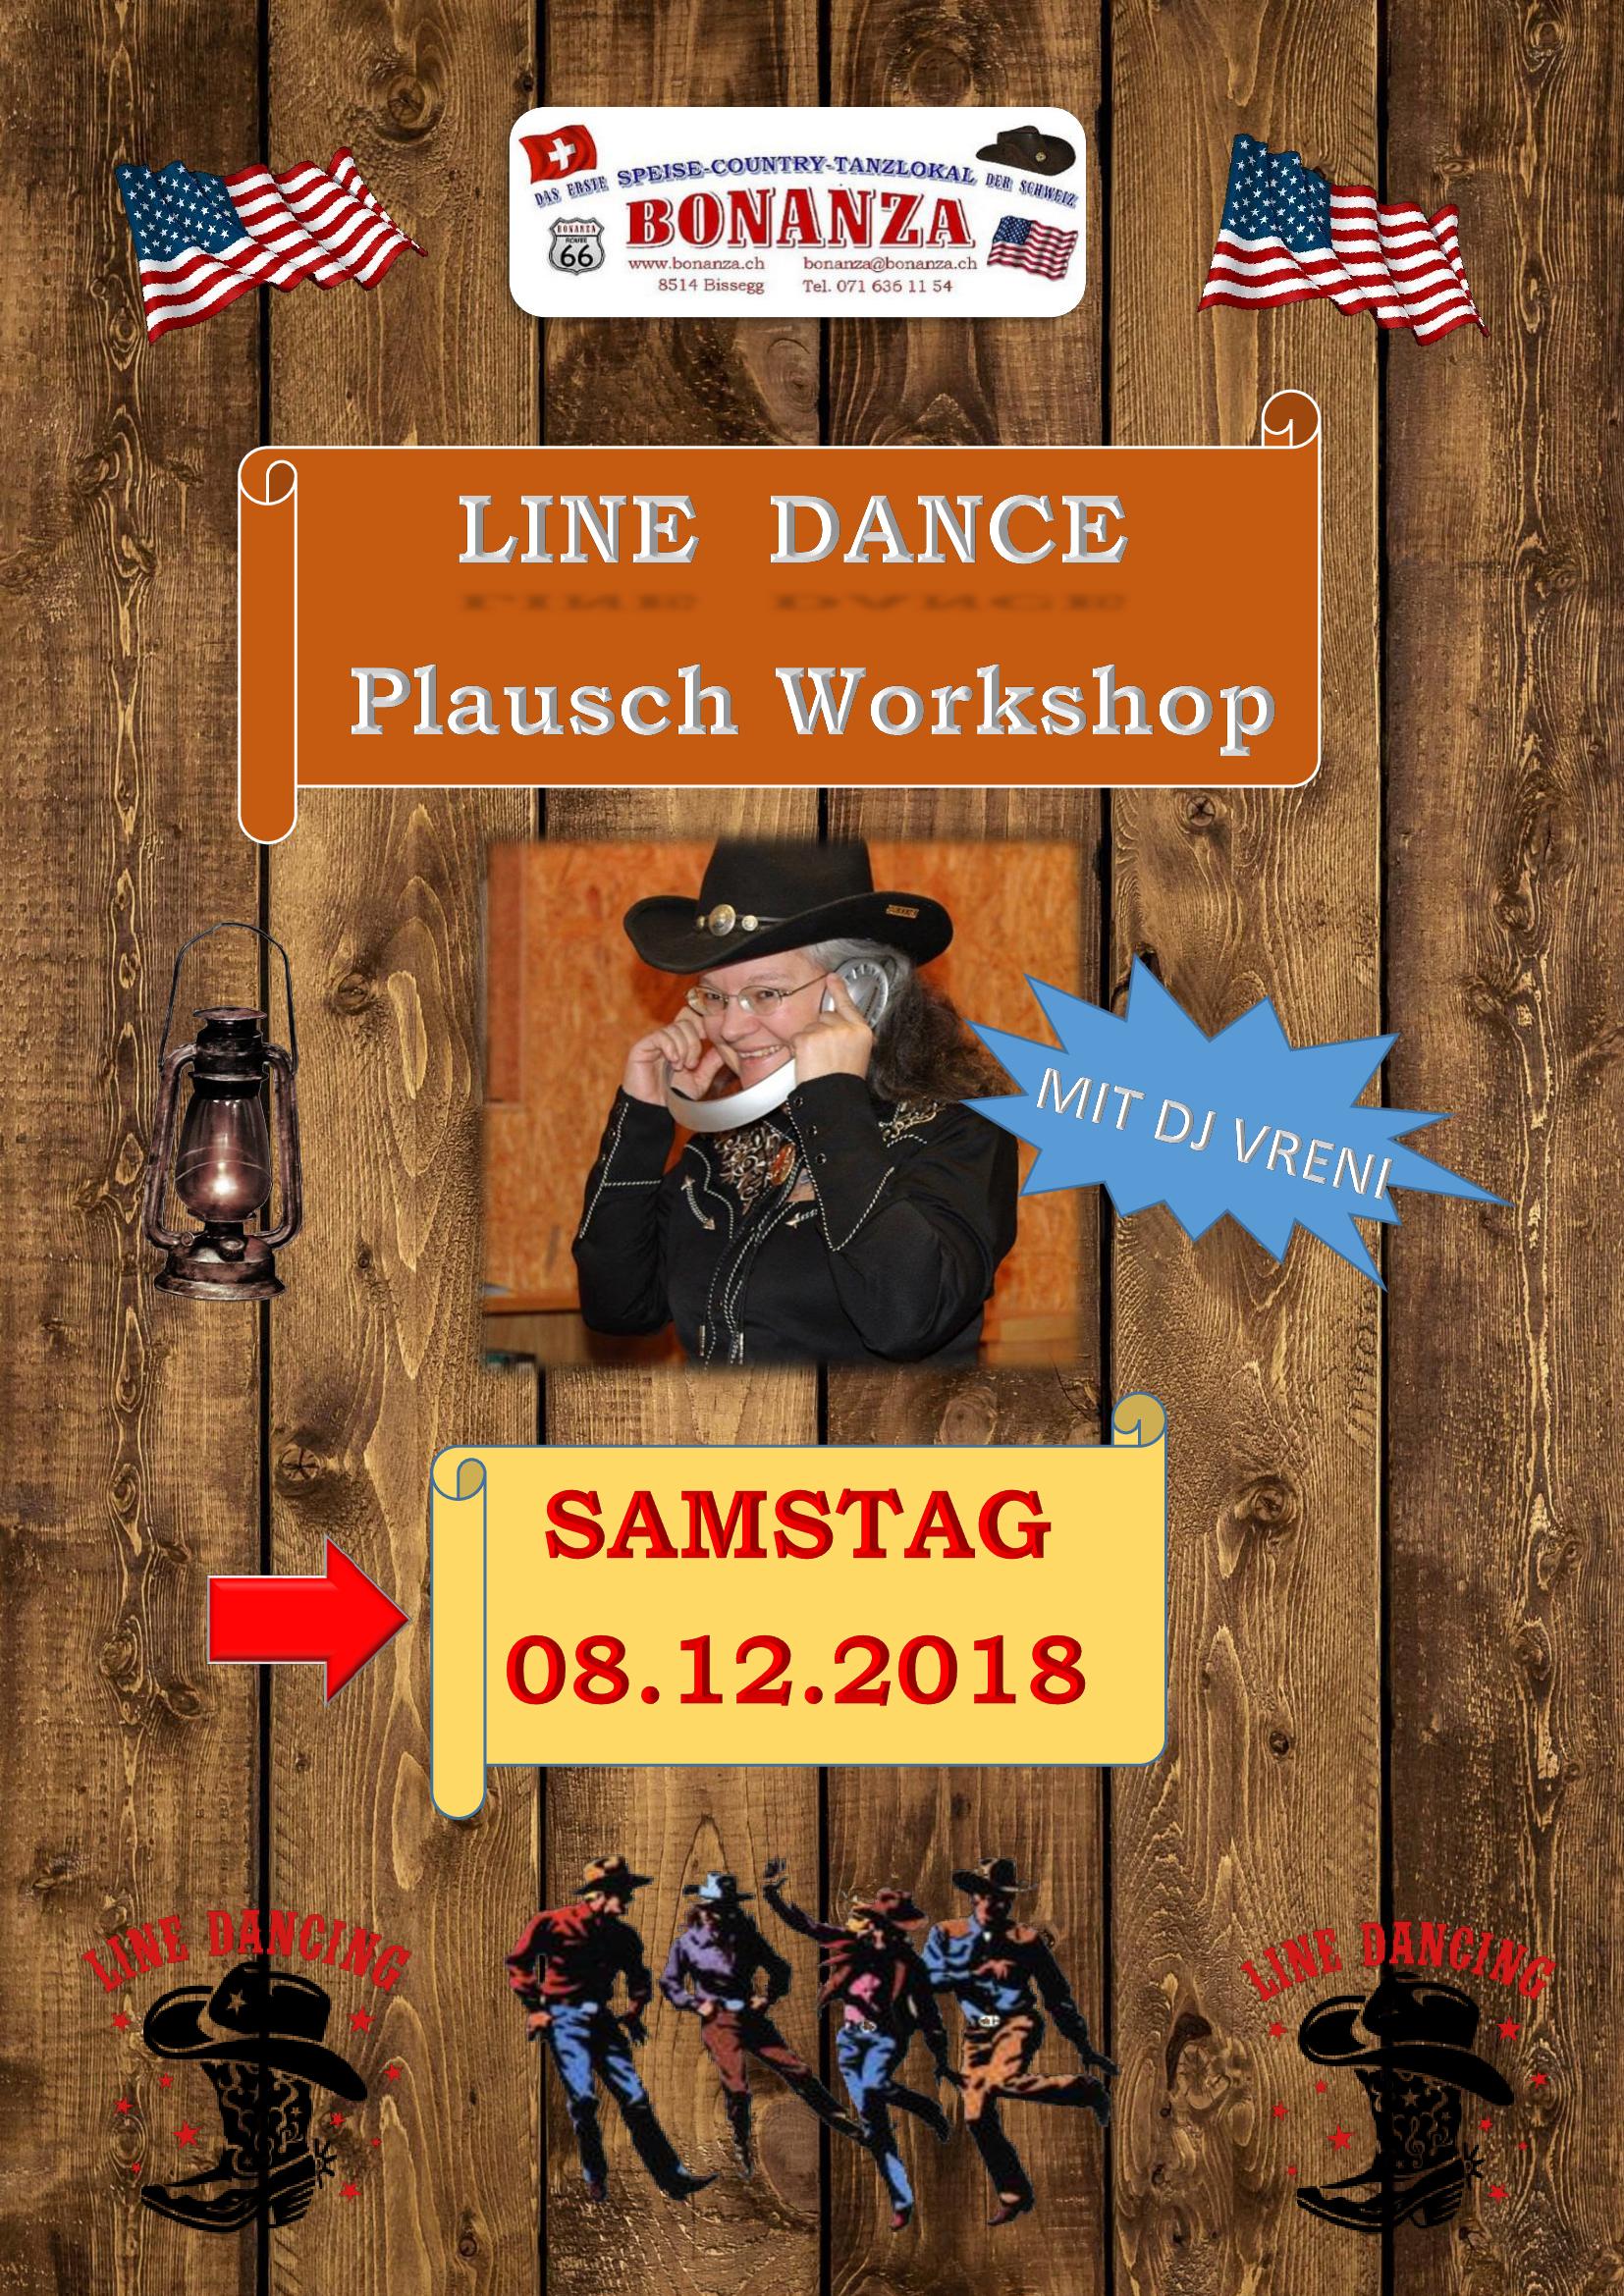 Plausch-Line-Dance3jpg